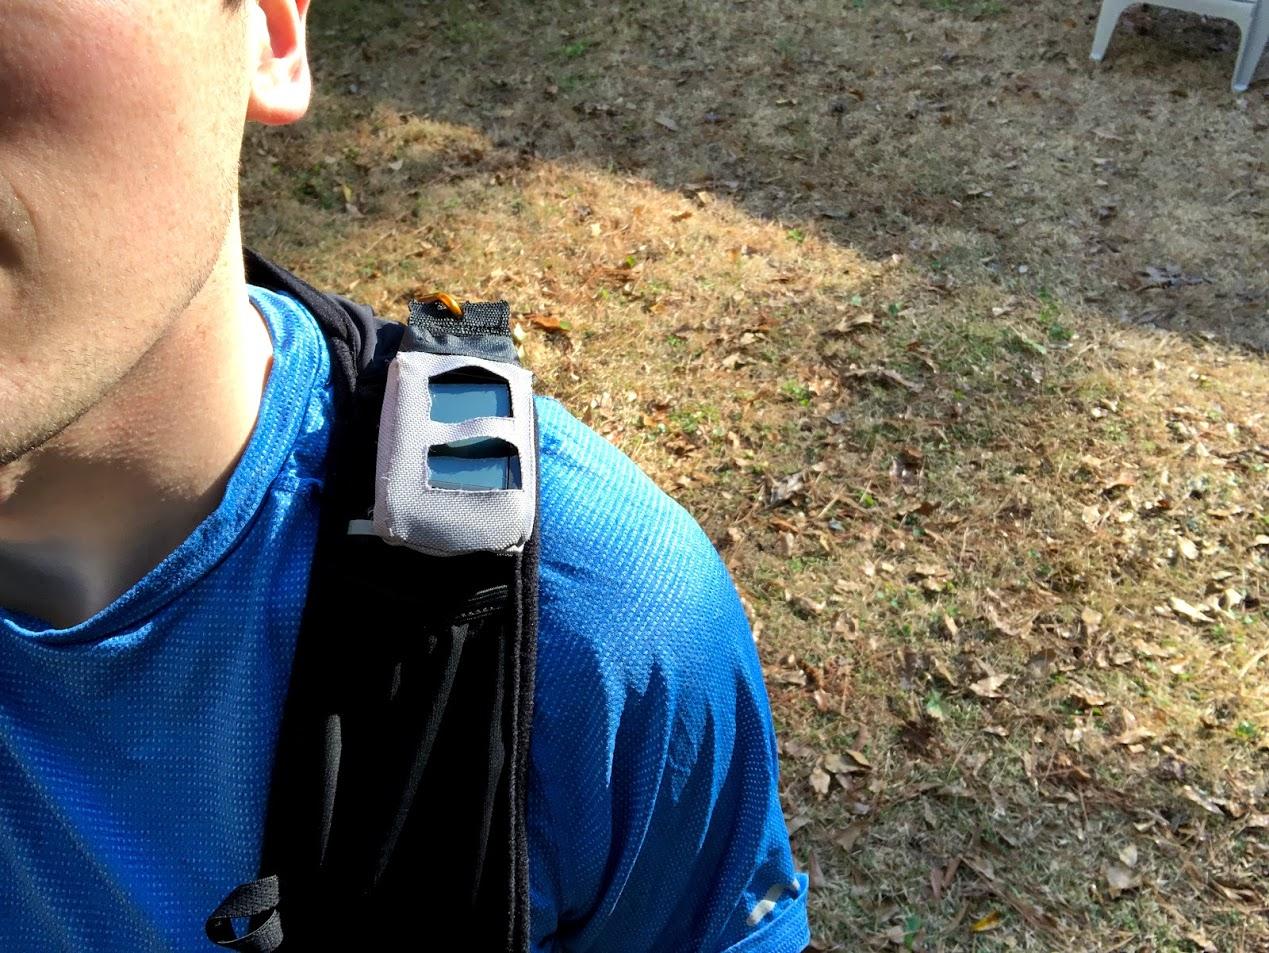 Wahoo Rival GPS Watch a Bad Idea? - thebidon